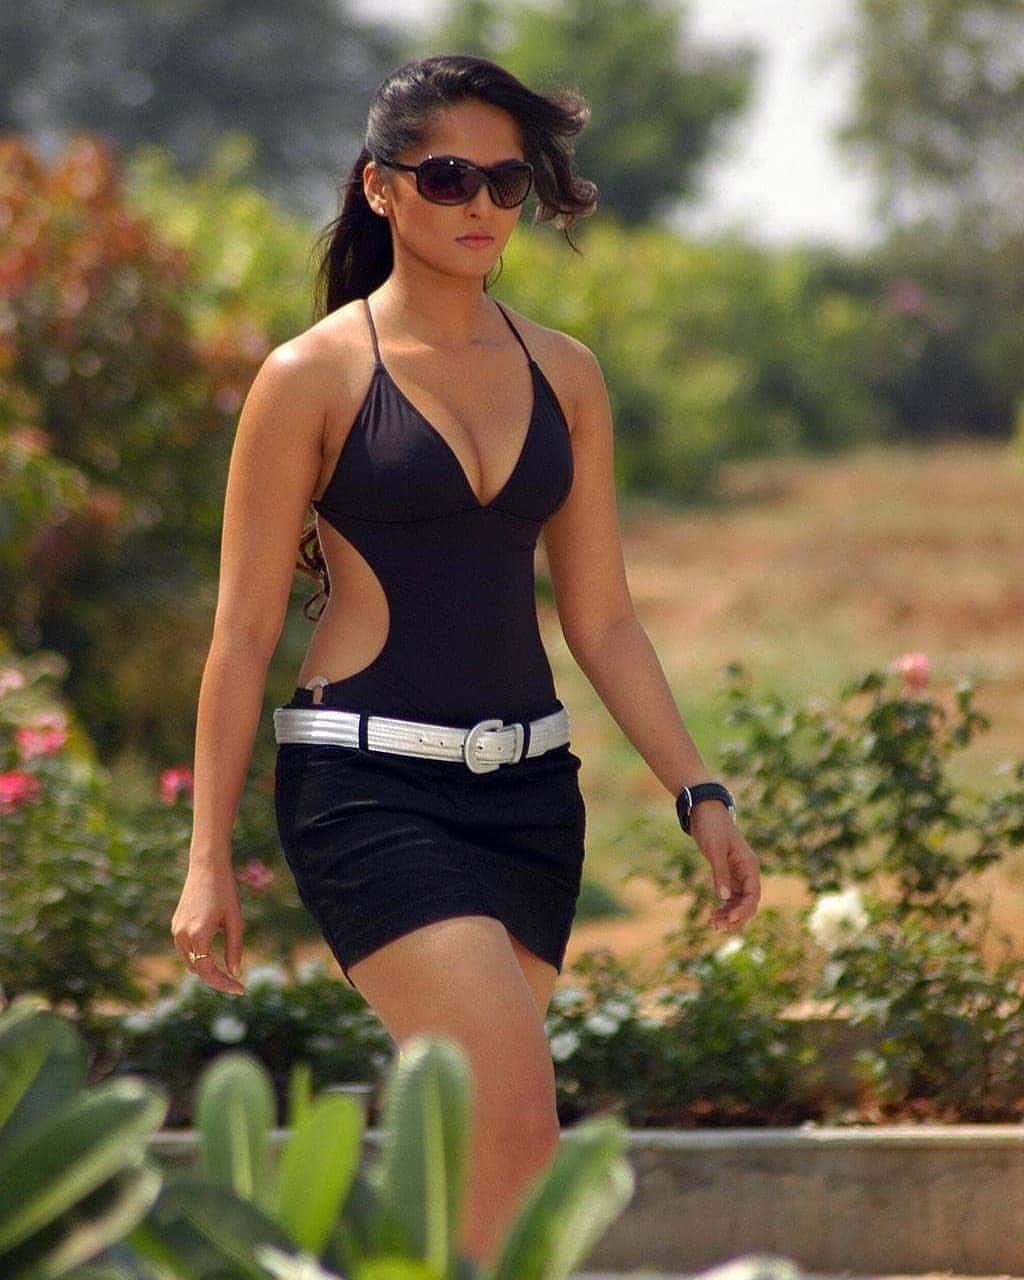 అందాల అనుష్క శెట్టి హాట్ ఫోటోస్ Photo: Twitter